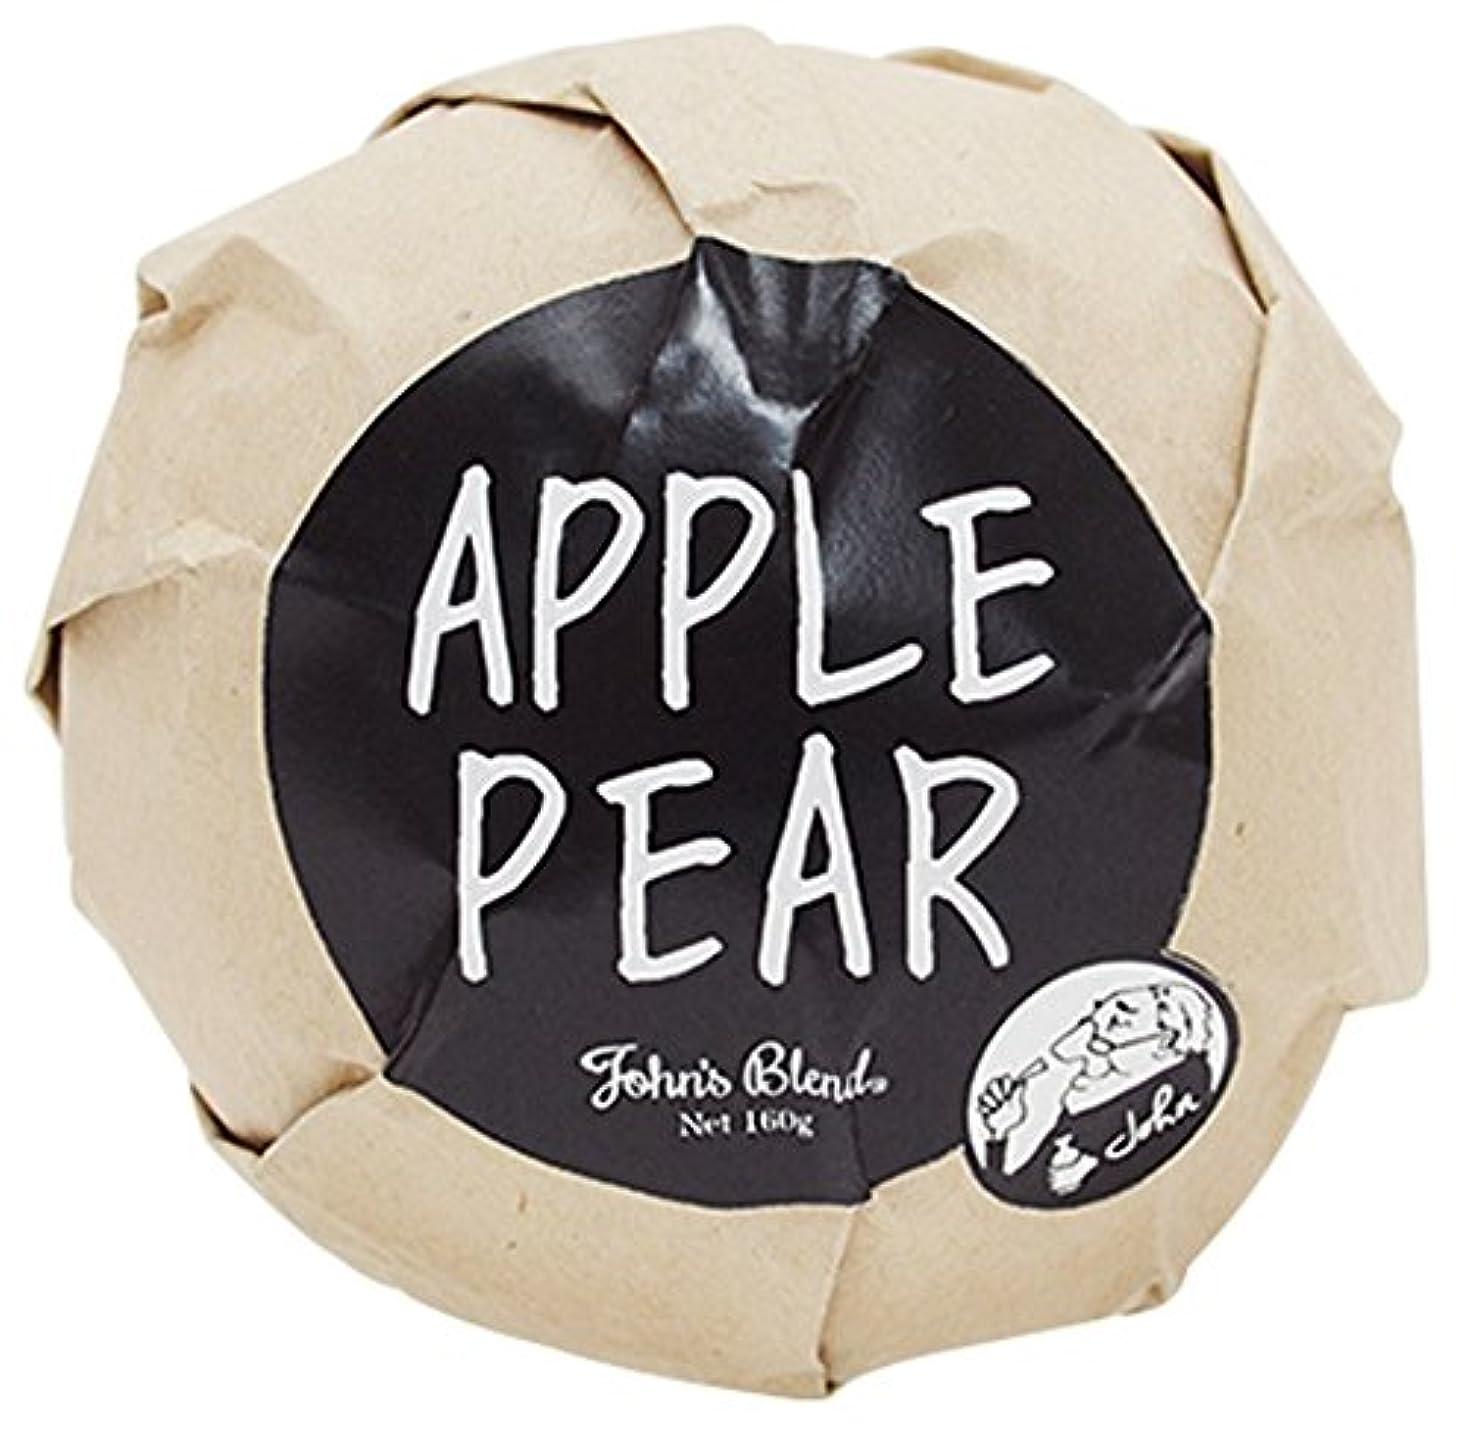 かる有名な正確ノルコーポレーション John's Blend バスボム OB-JNB-2-2 入浴剤 アップルペアーの香り 160g